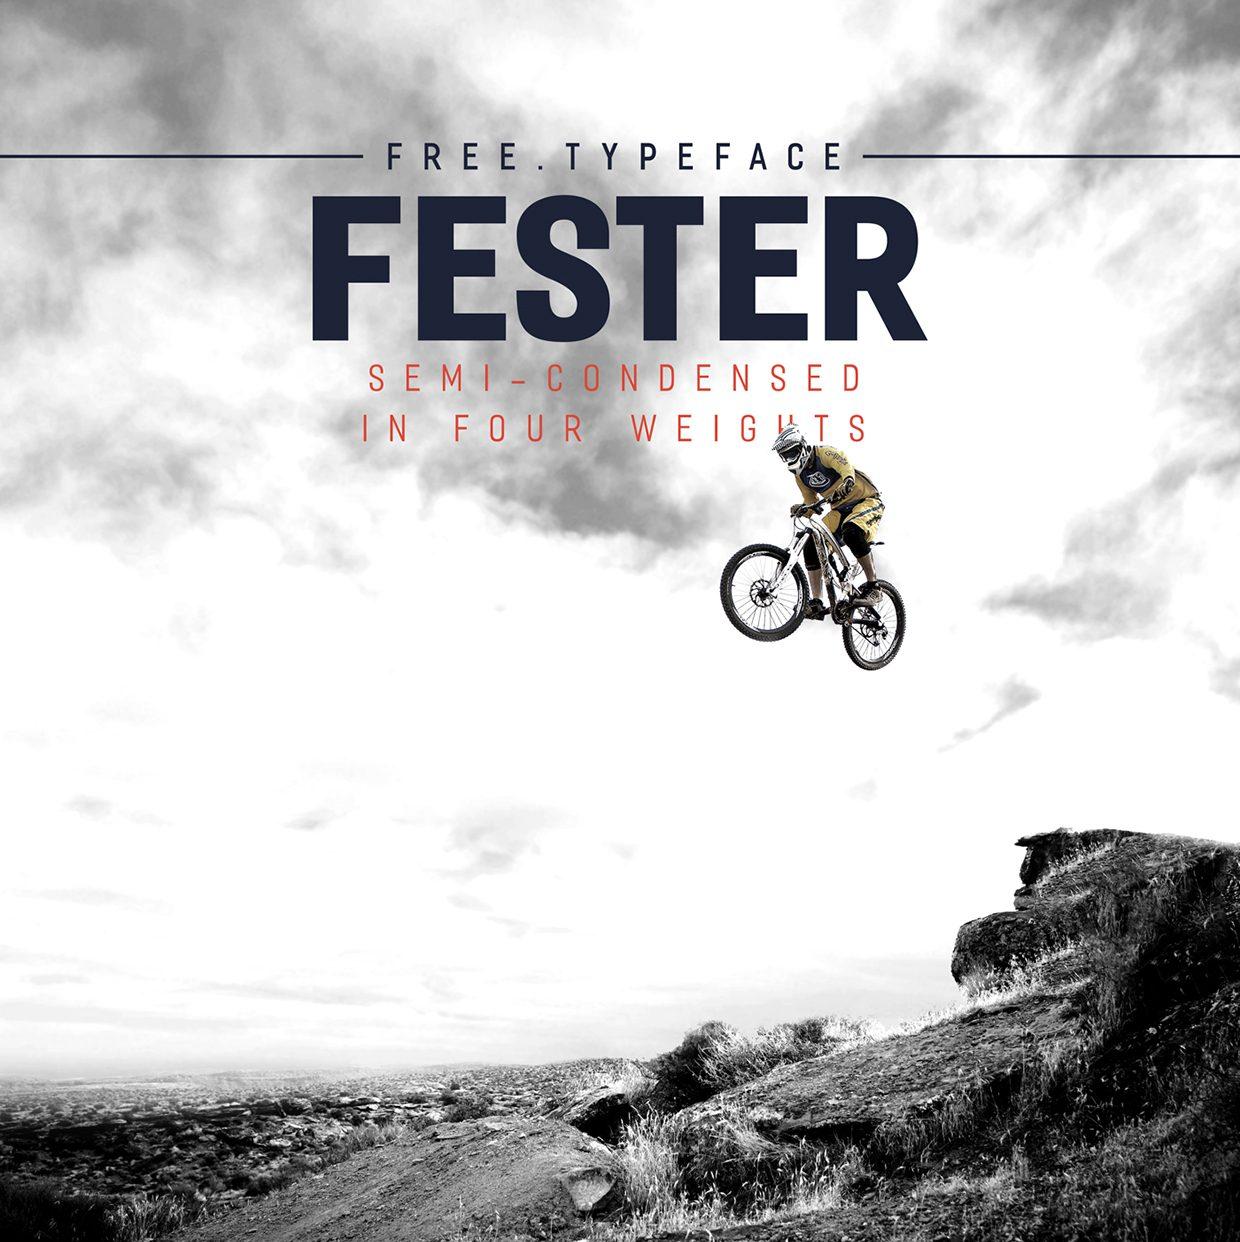 Fester Semi-condensed Heavy font